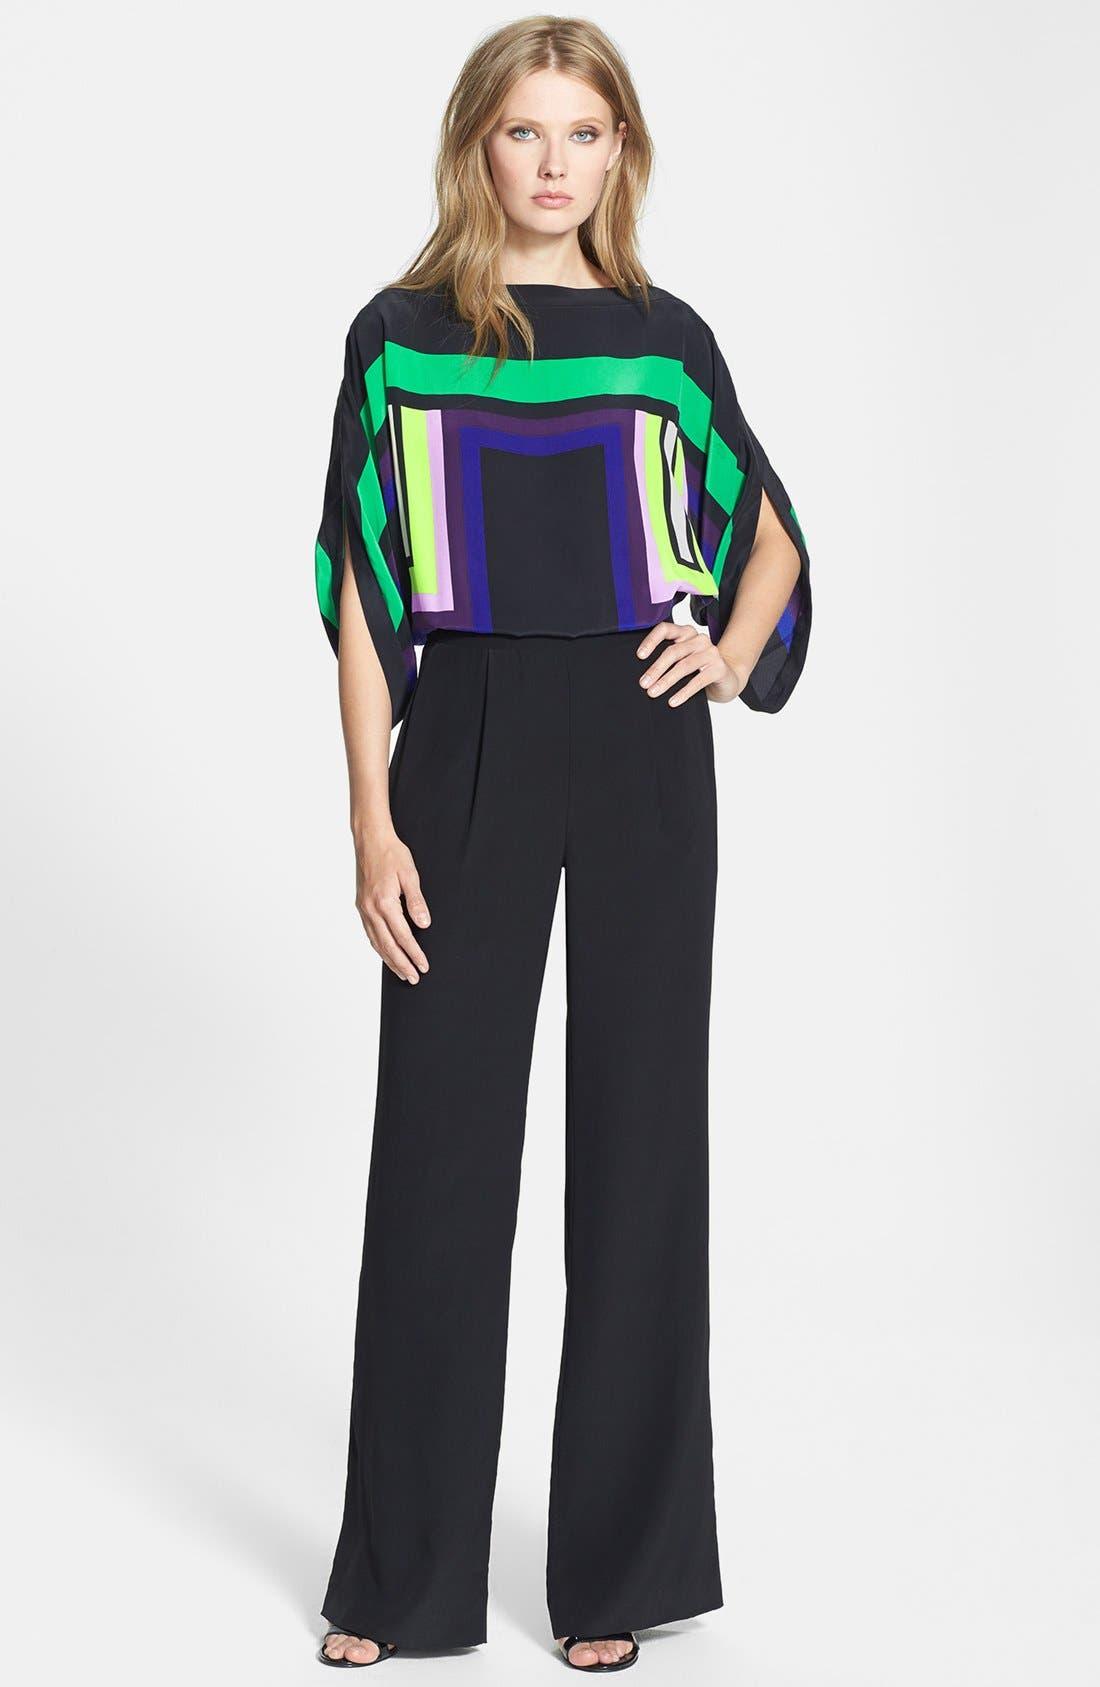 Main Image - Diane von Furstenberg 'Lucy' Print Top Silk Jumpsuit